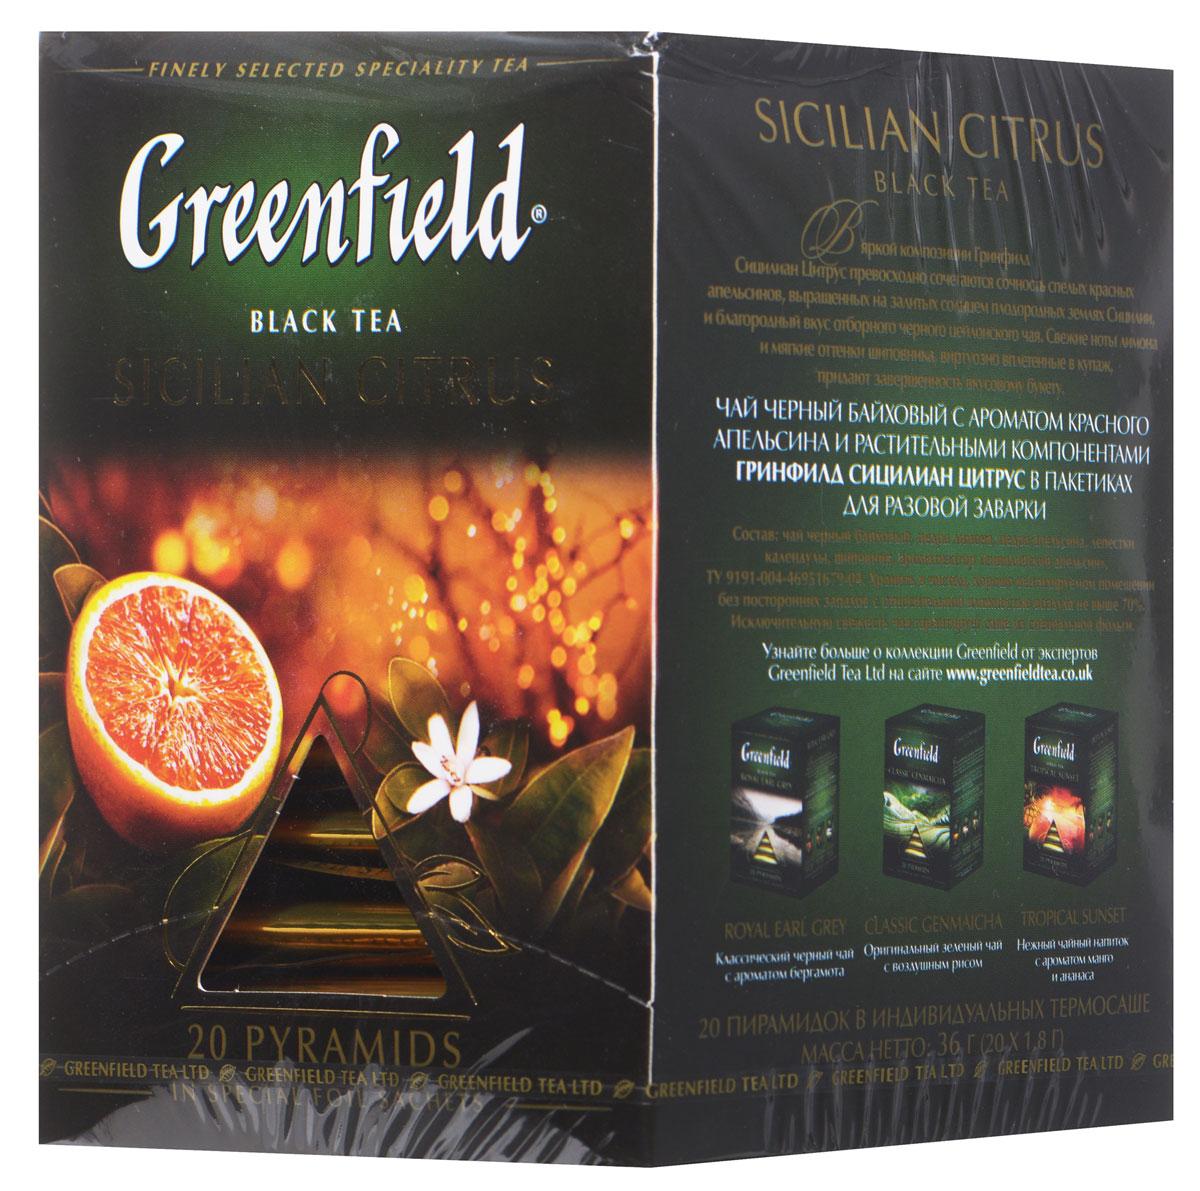 Greenfield Sicilian Citrus черный чай в пирамидках, 20 шт greenfield winter charm черный листовой чай с ароматом красных ягод и можжевельника 120 г